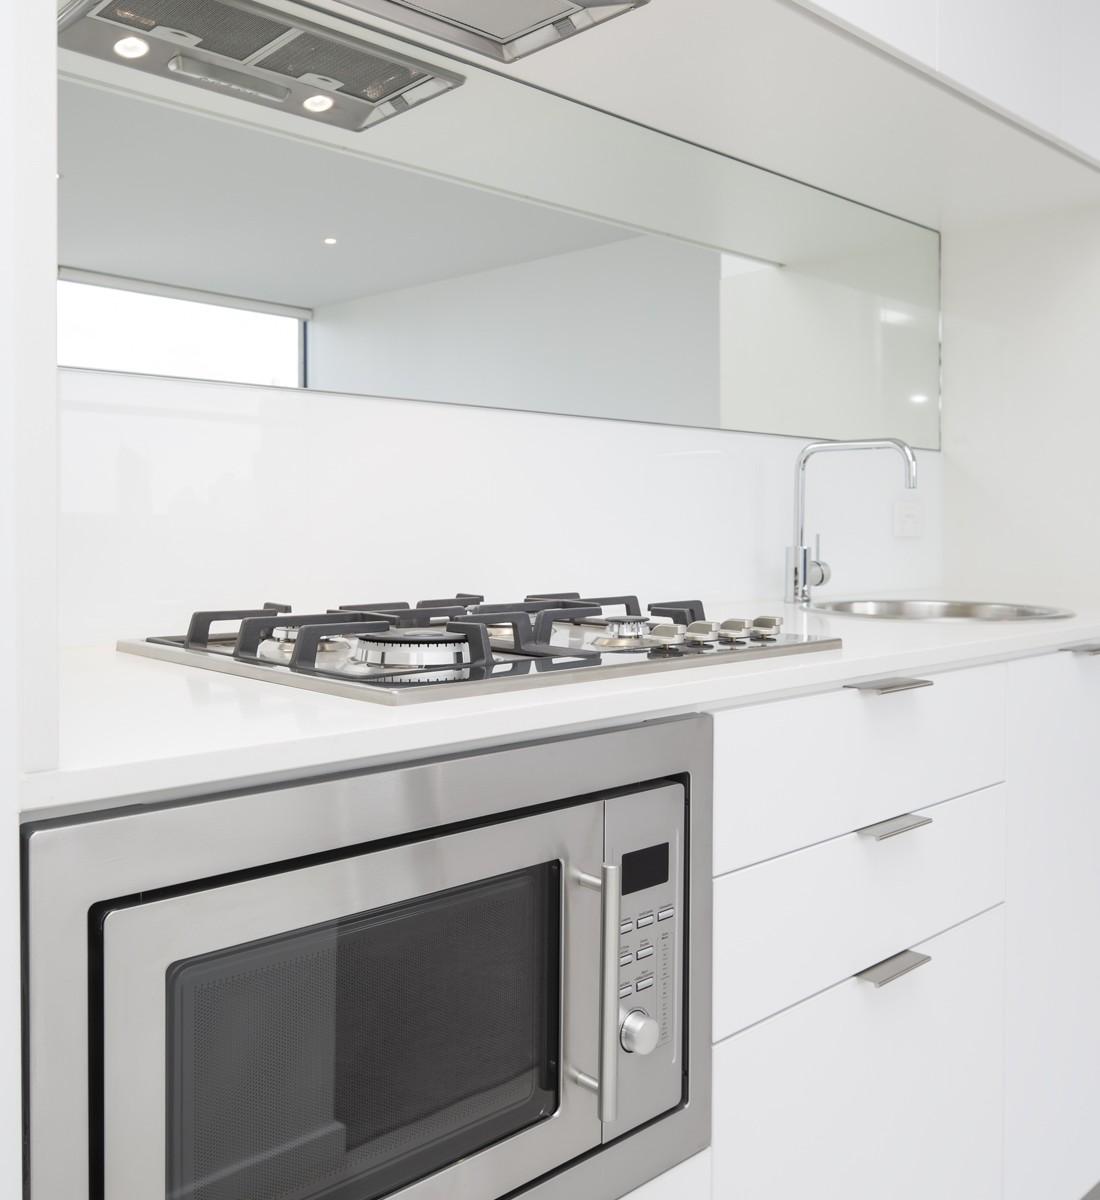 h 228 fele kitchen designs that flow specifier source modular kitchen accessories kitchen decor hafele